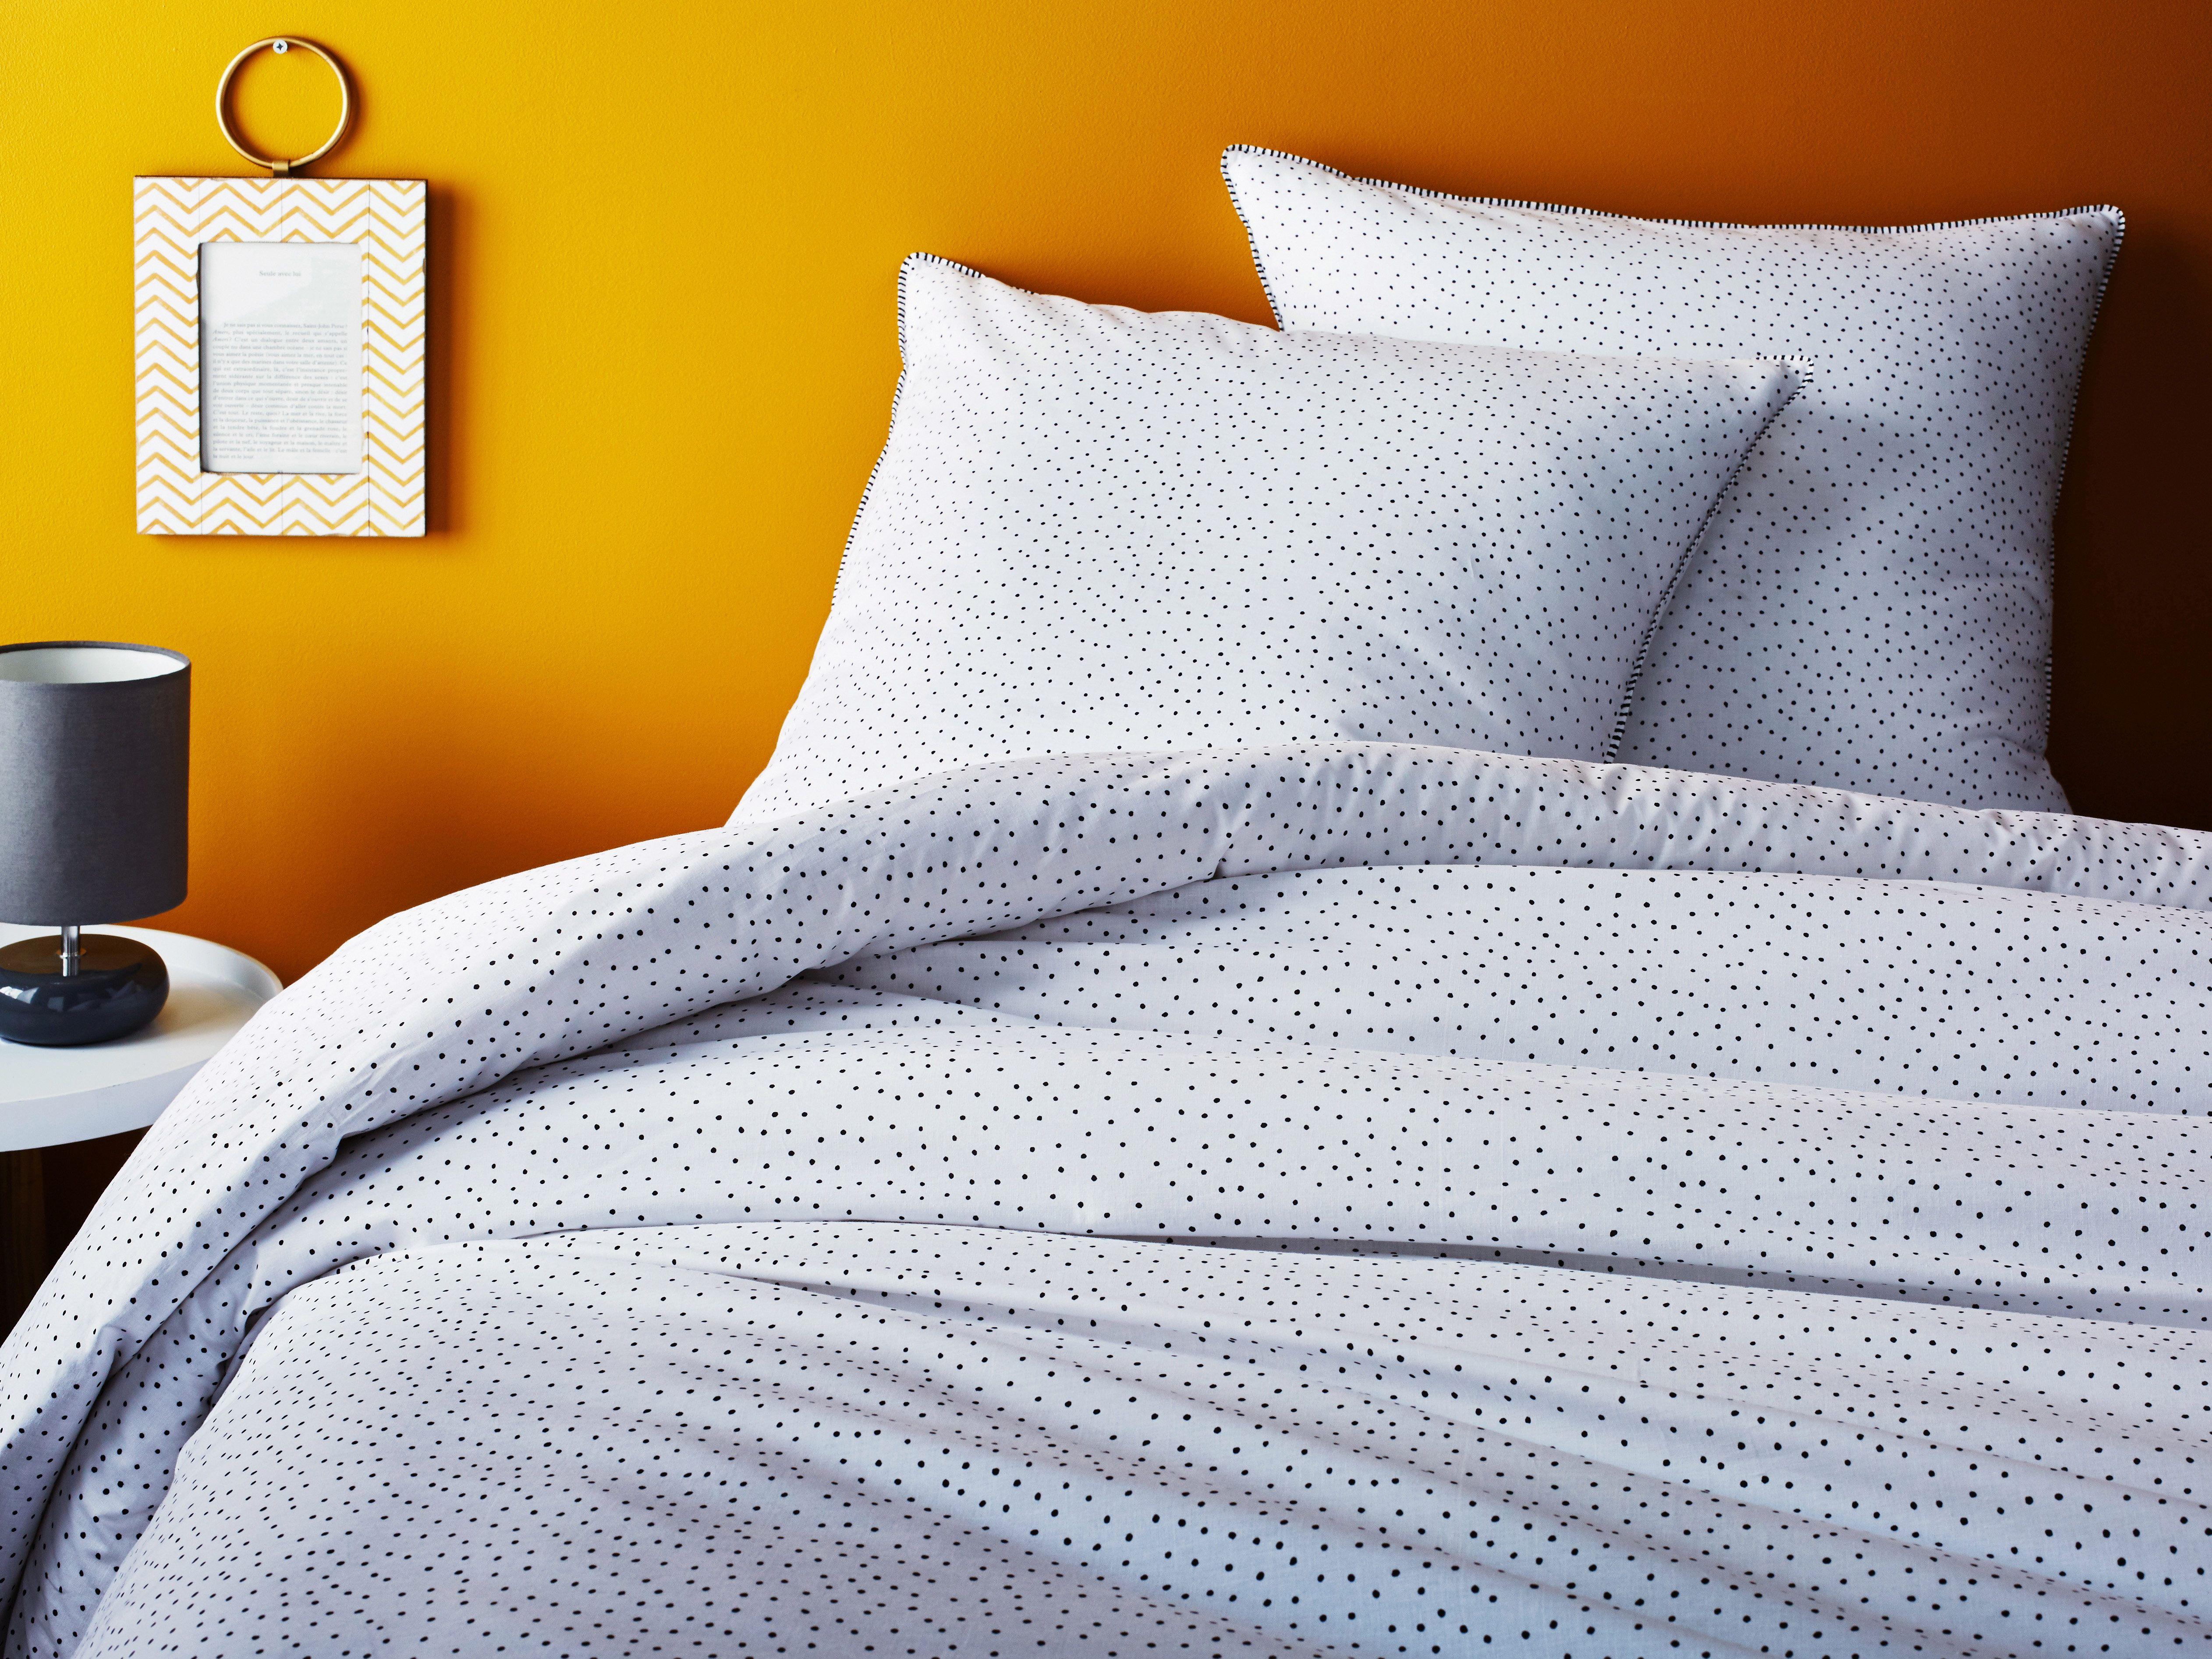 epingle sur prendre soin de soi chambre a coucher